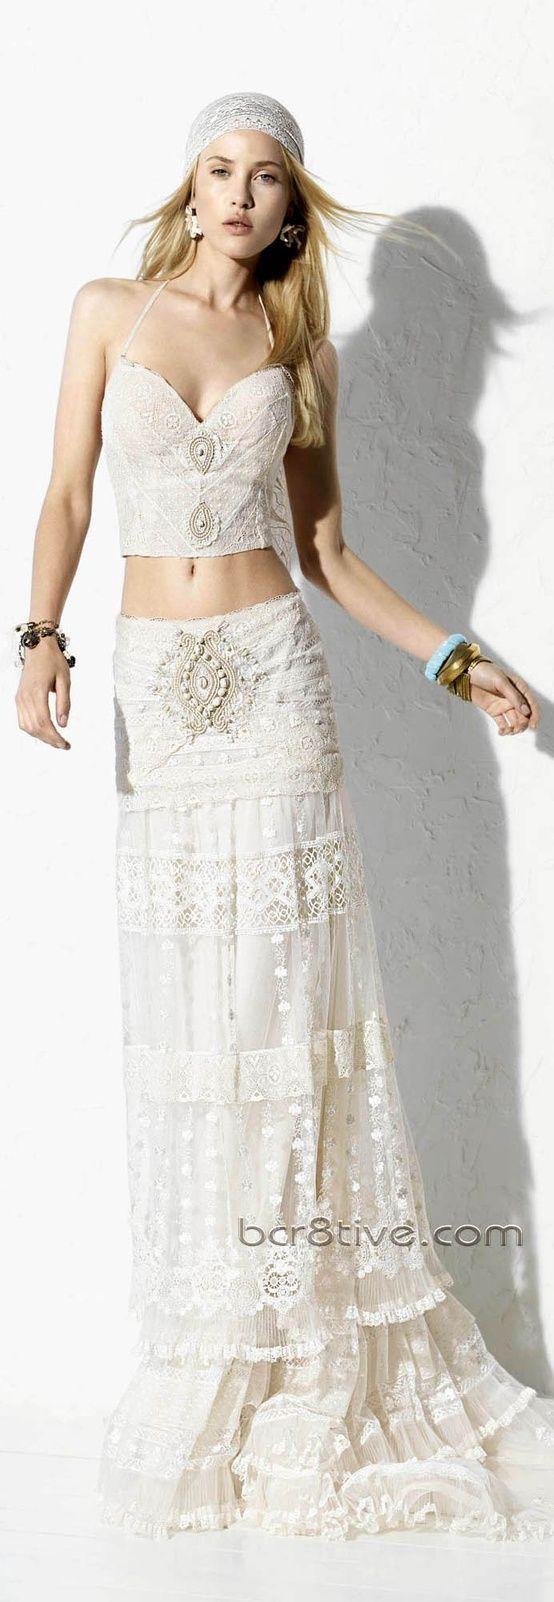 Este vestido de dos piezas es tan femenino como sensual, ideal para novias hippie-chic! #Vestidos Ibicencos